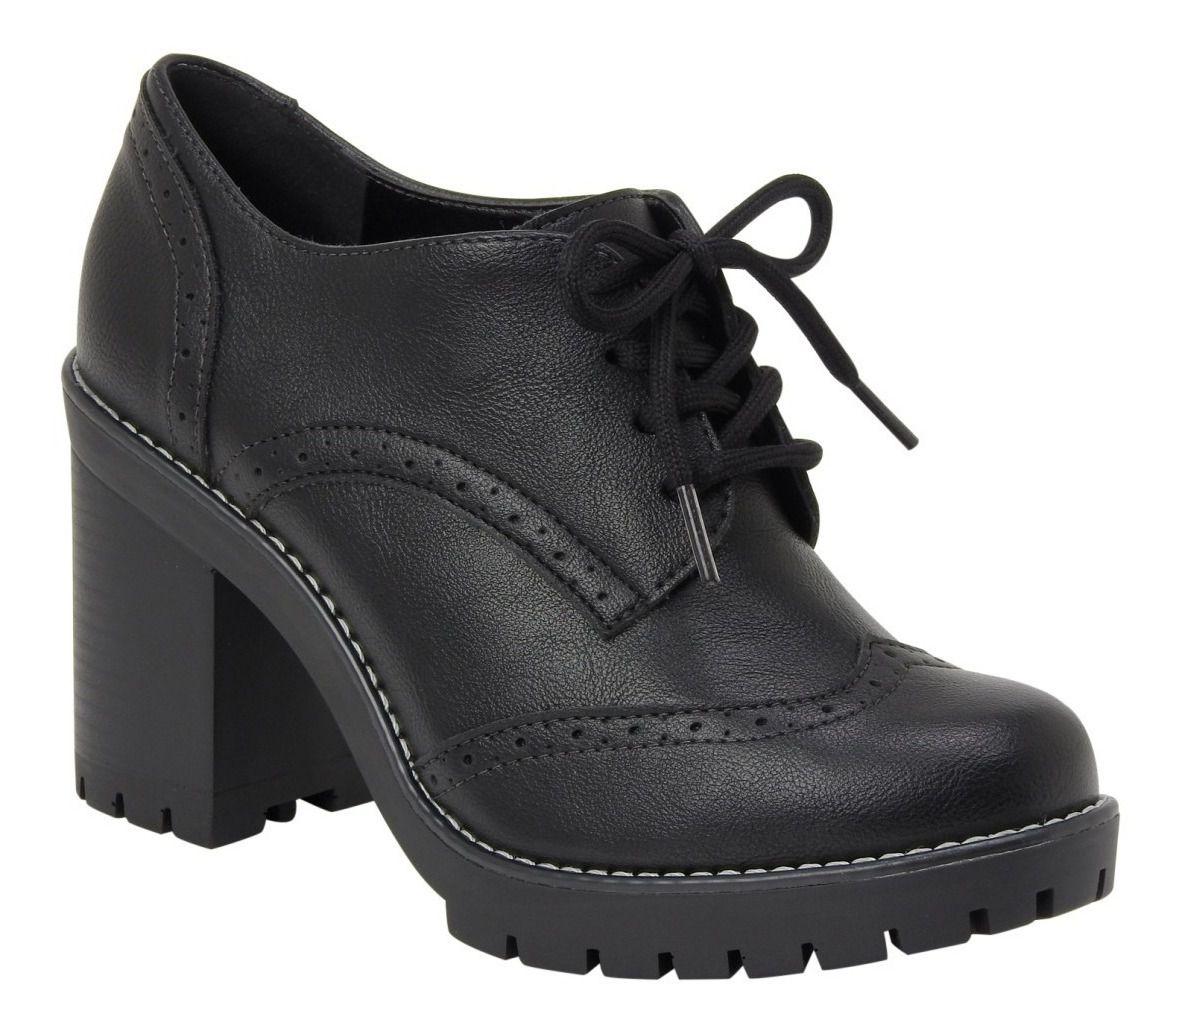 Sapato Oxford Via Marte 19-5901 Feminino